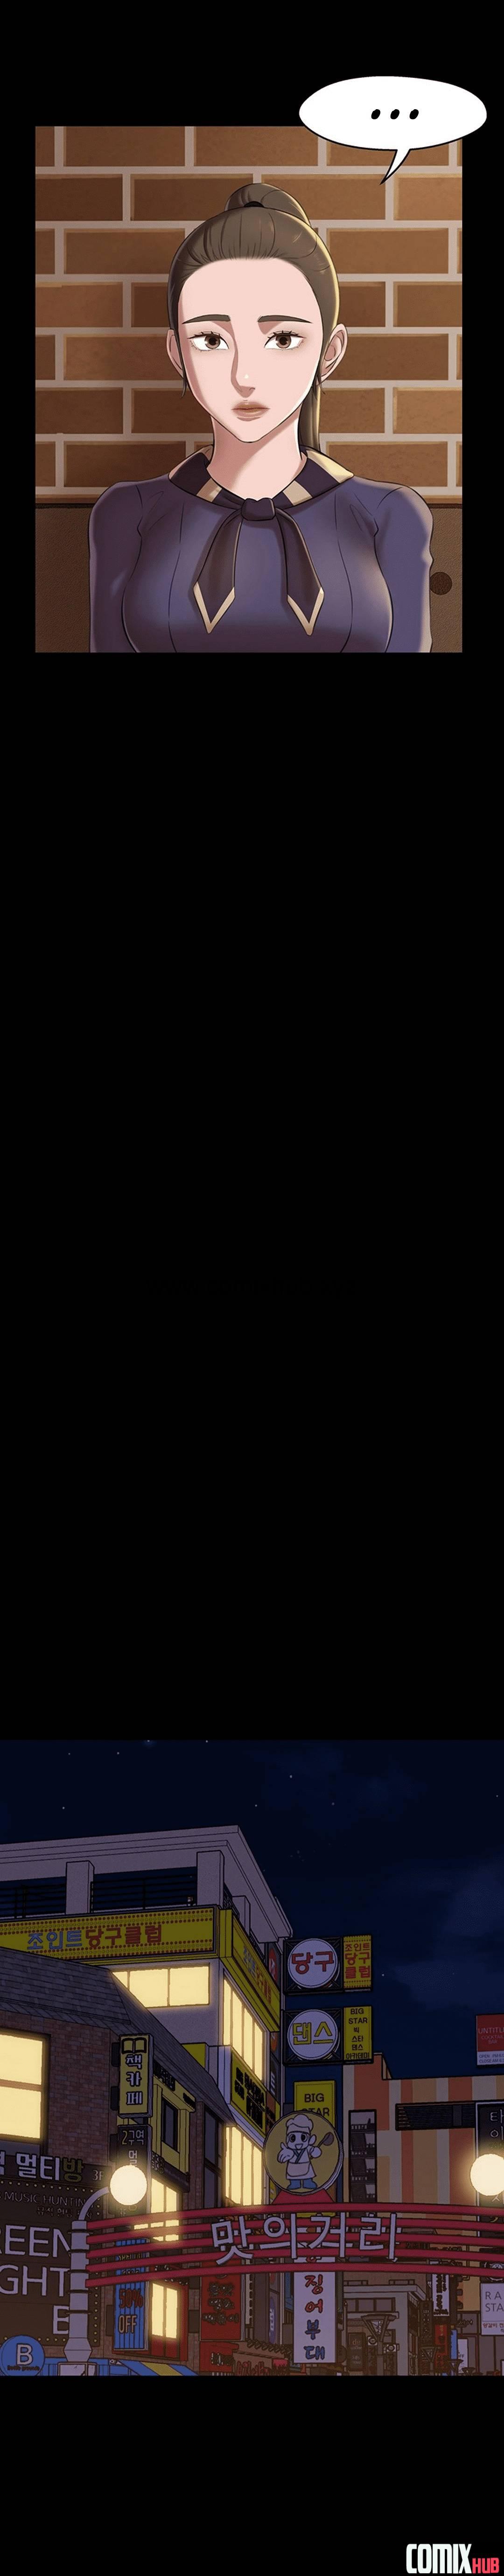 Манхва Тетрадь по трусикам, часть 19 Большая грудь, Измена, Хентай манга, манхва